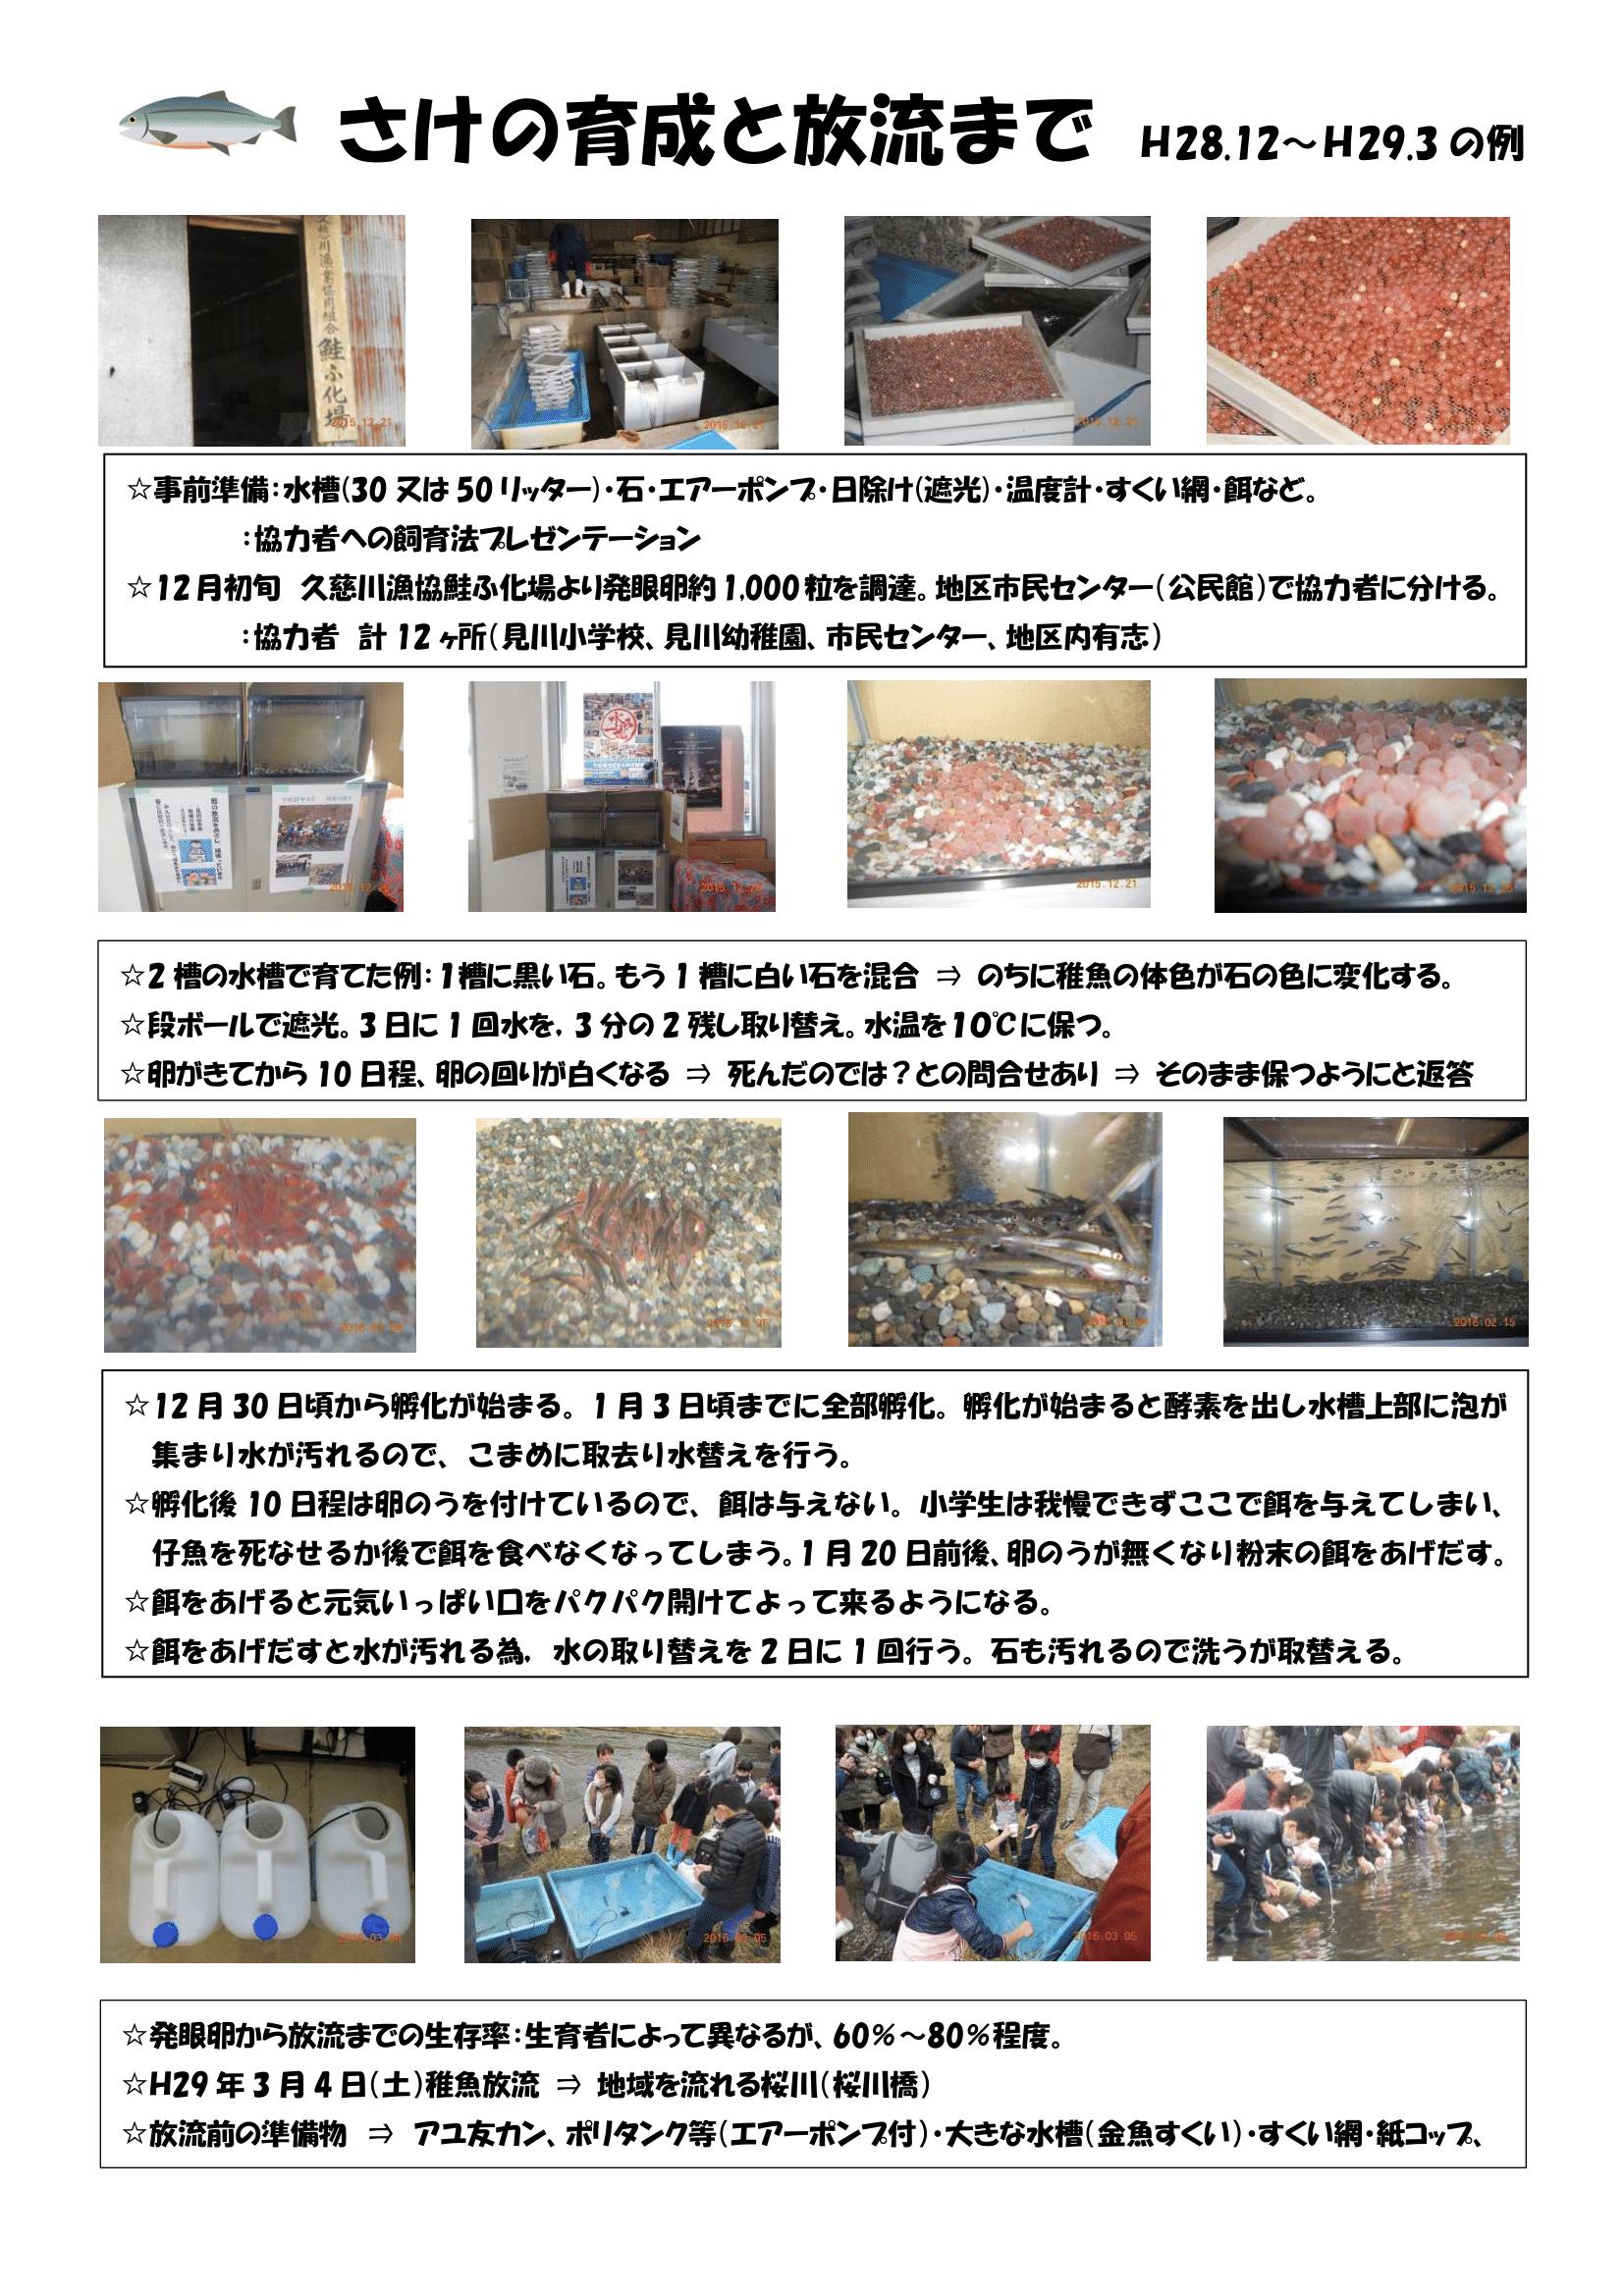 サケ放流活動